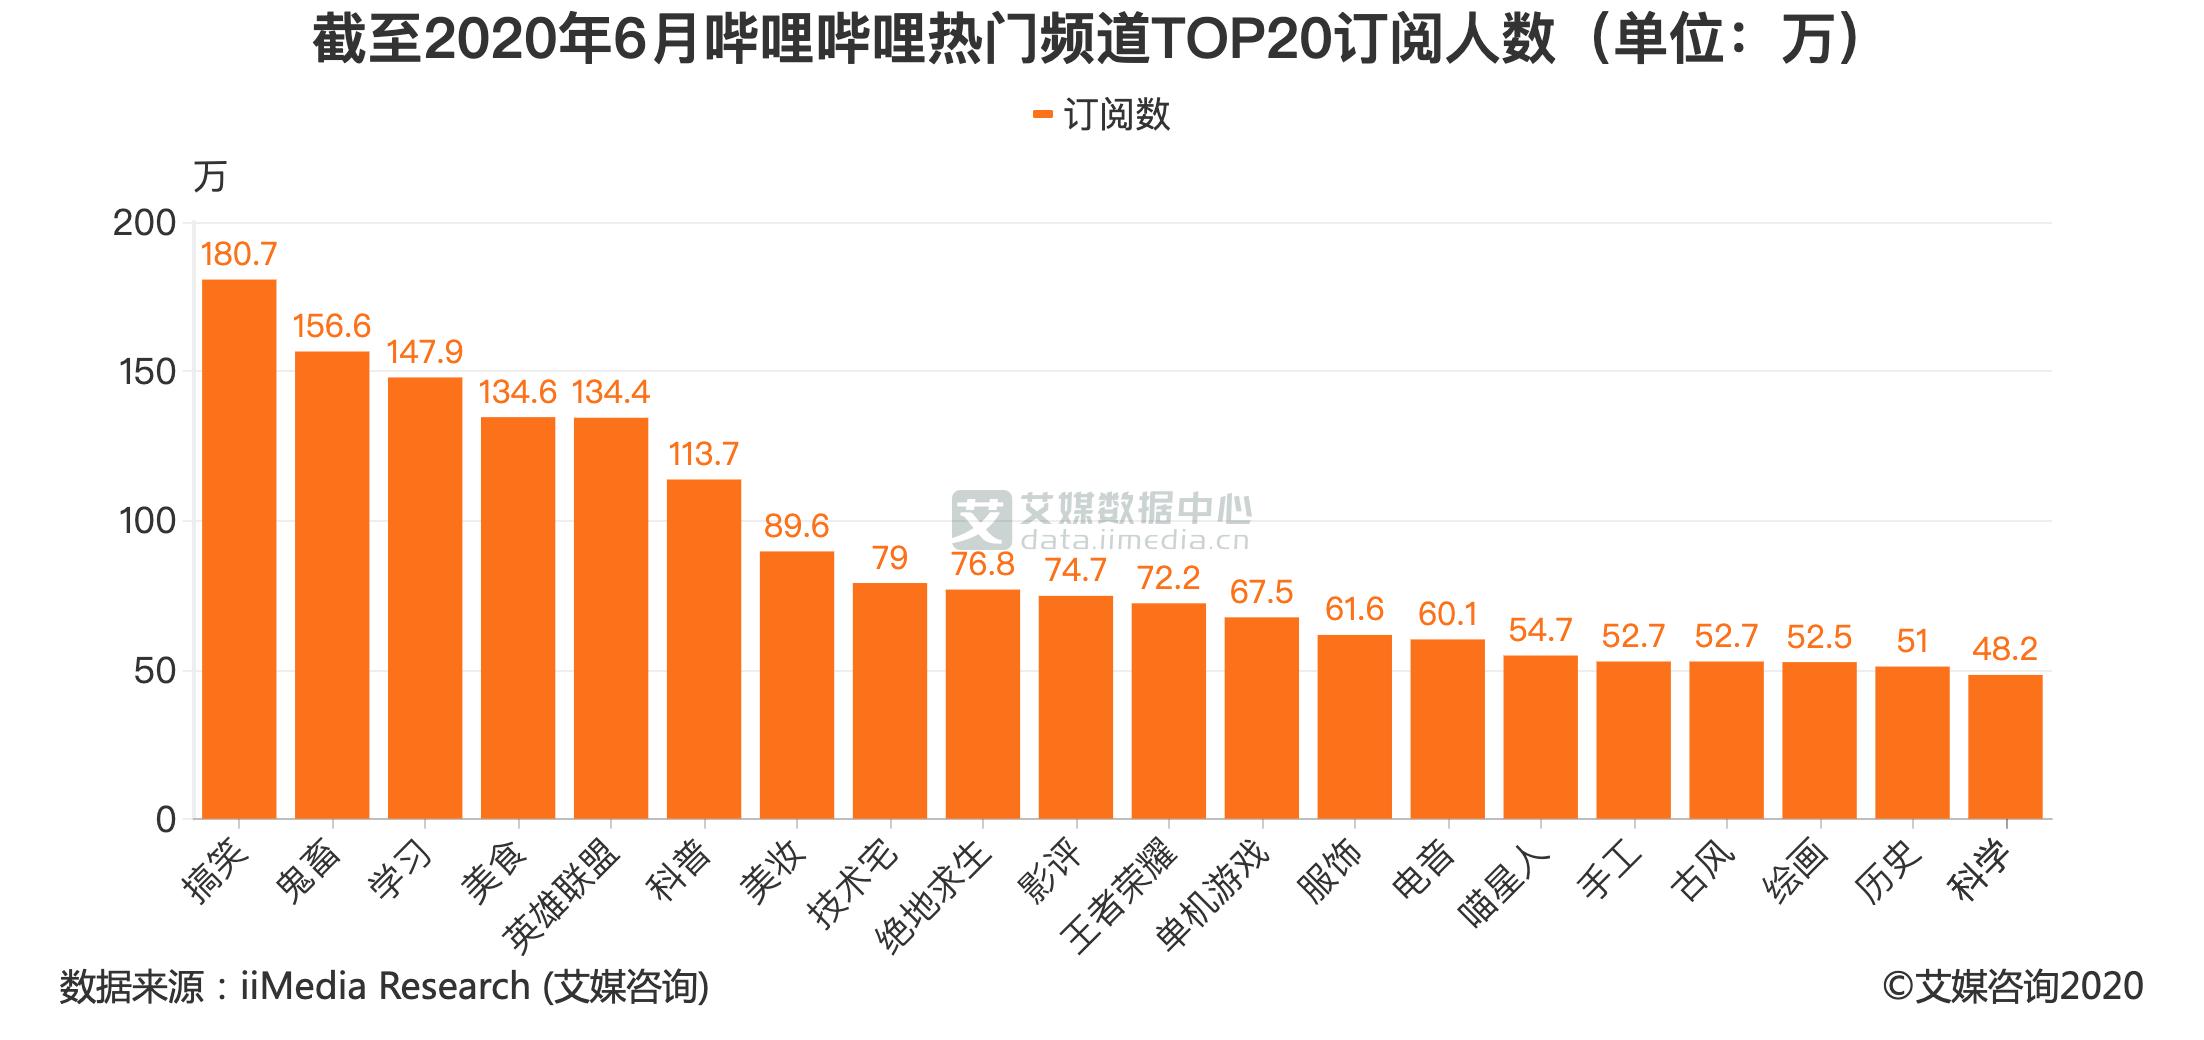 截至2020年6月哔哩哔哩热门频道TOP20订阅人数(单位:万)